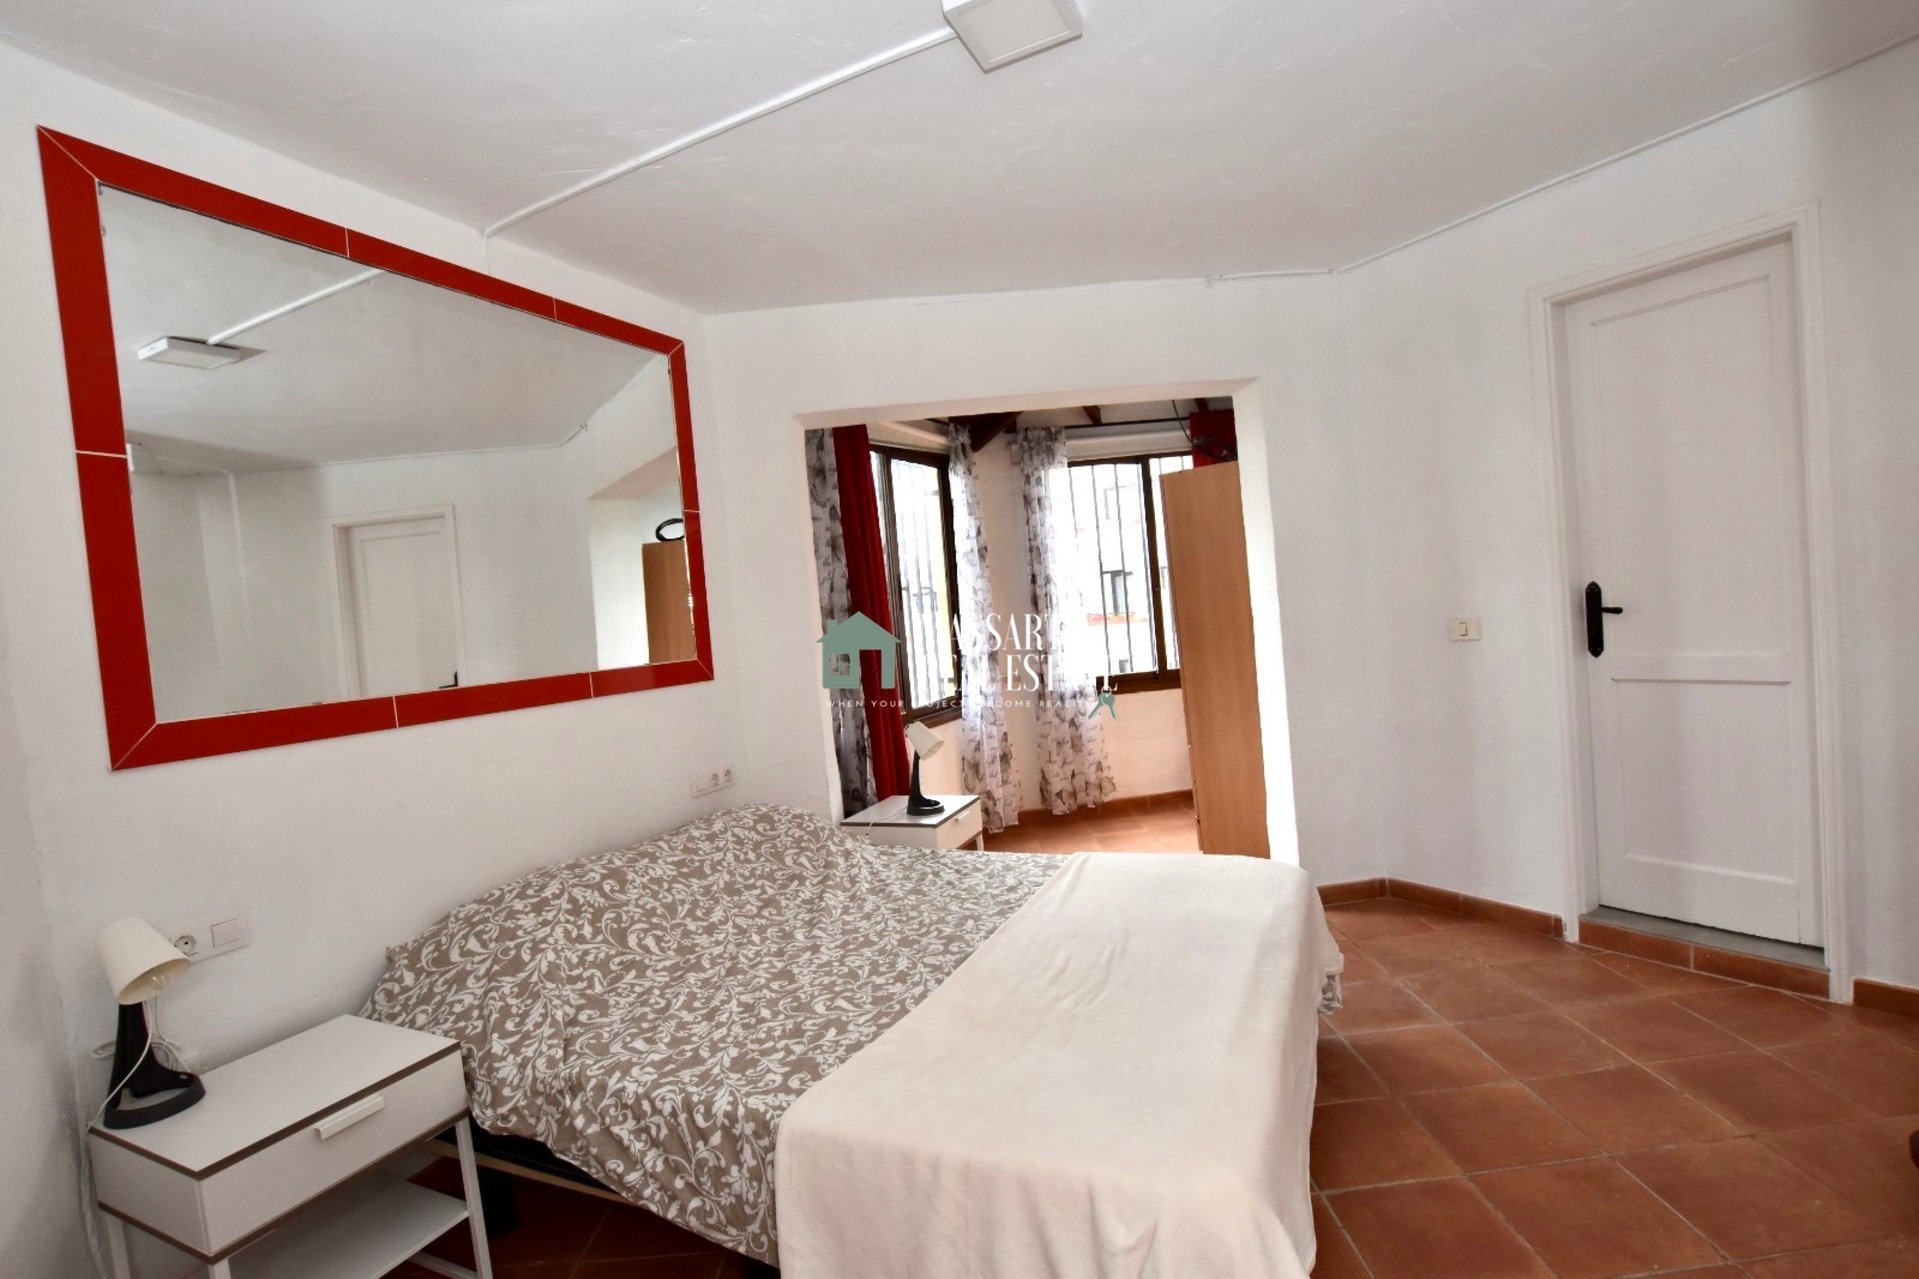 ZU VERMIETEN - Möbliertes Triplex von 65 m2 in Playa de las Américas, in der Wohnanlage Las Tortugas ... nur 1 Gehminute vom Strand entfernt!